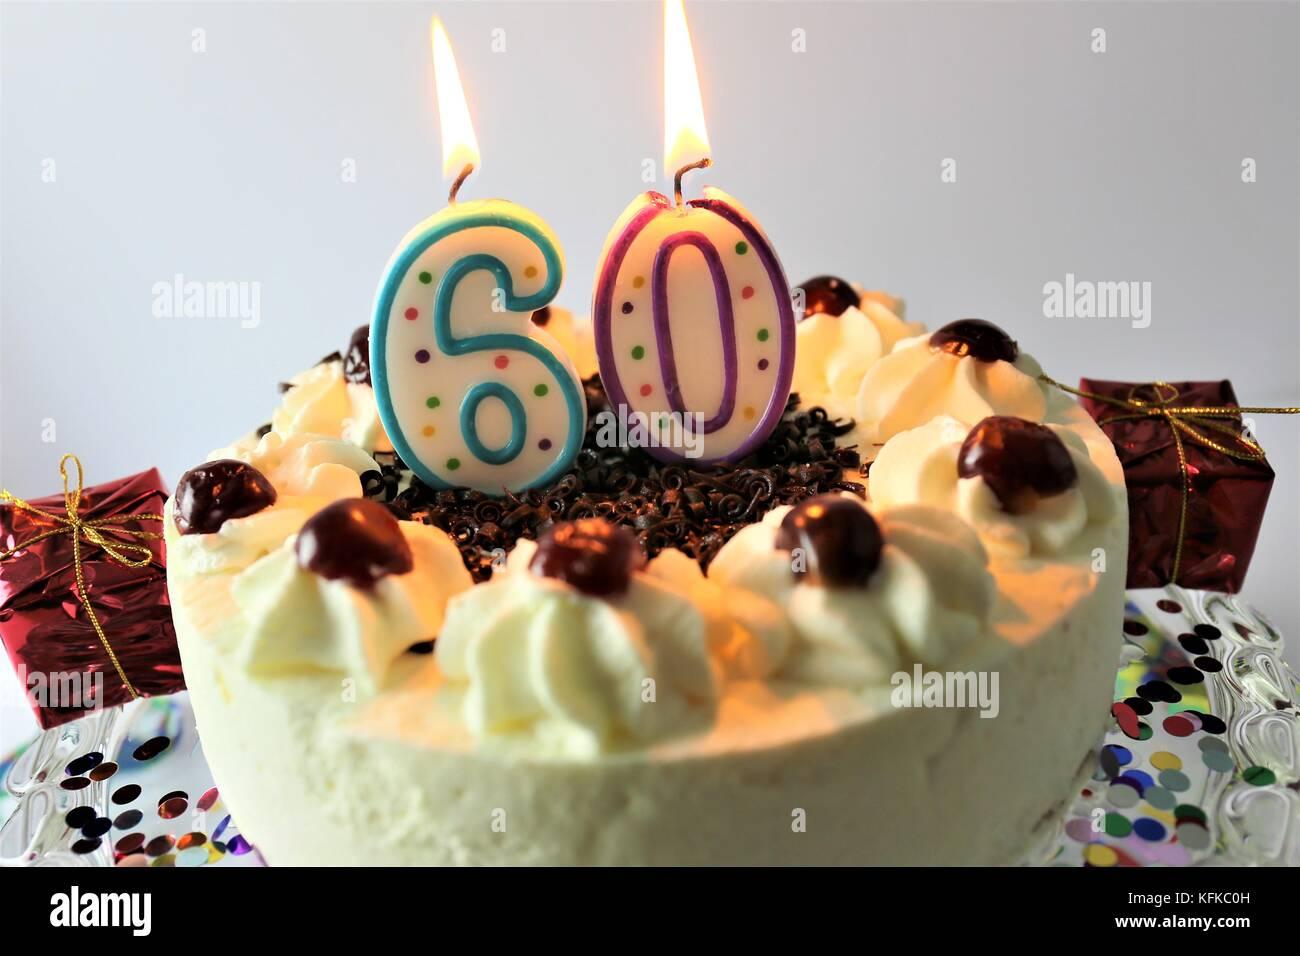 Ein Bild Von Einem Geburtstagskuchen Mit Kerze 60 Stockfoto Bild